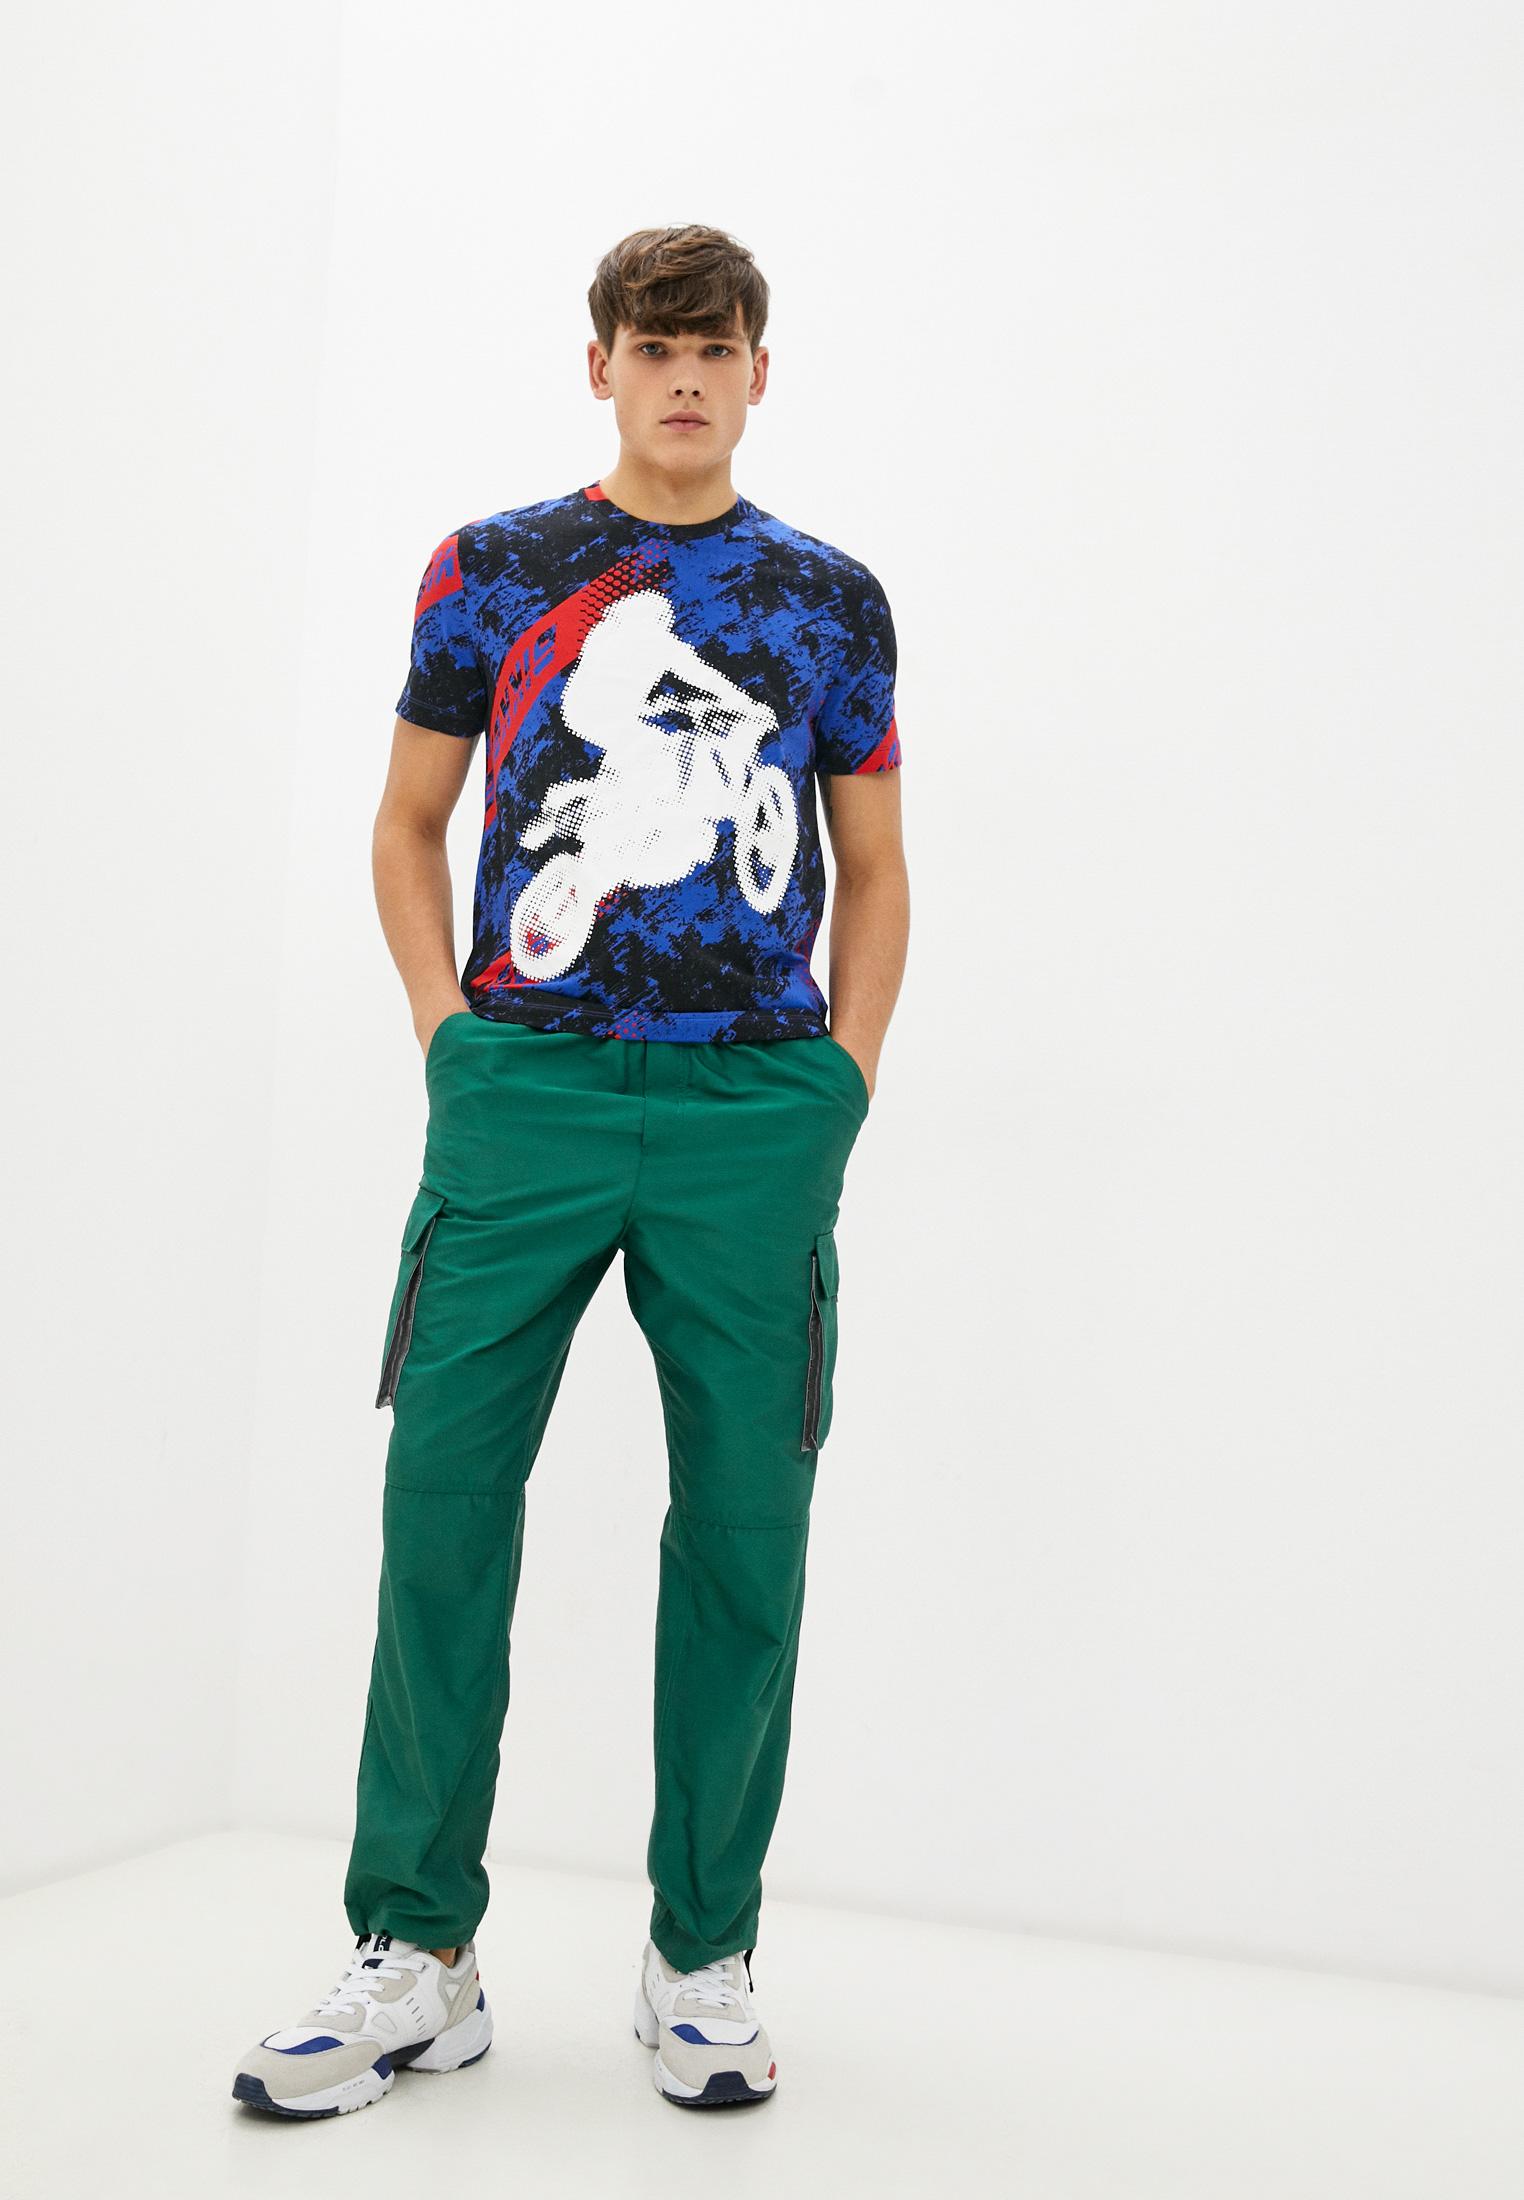 Мужская футболка Bikkembergs (Биккембергс) C 7 001 7F E 2097: изображение 3